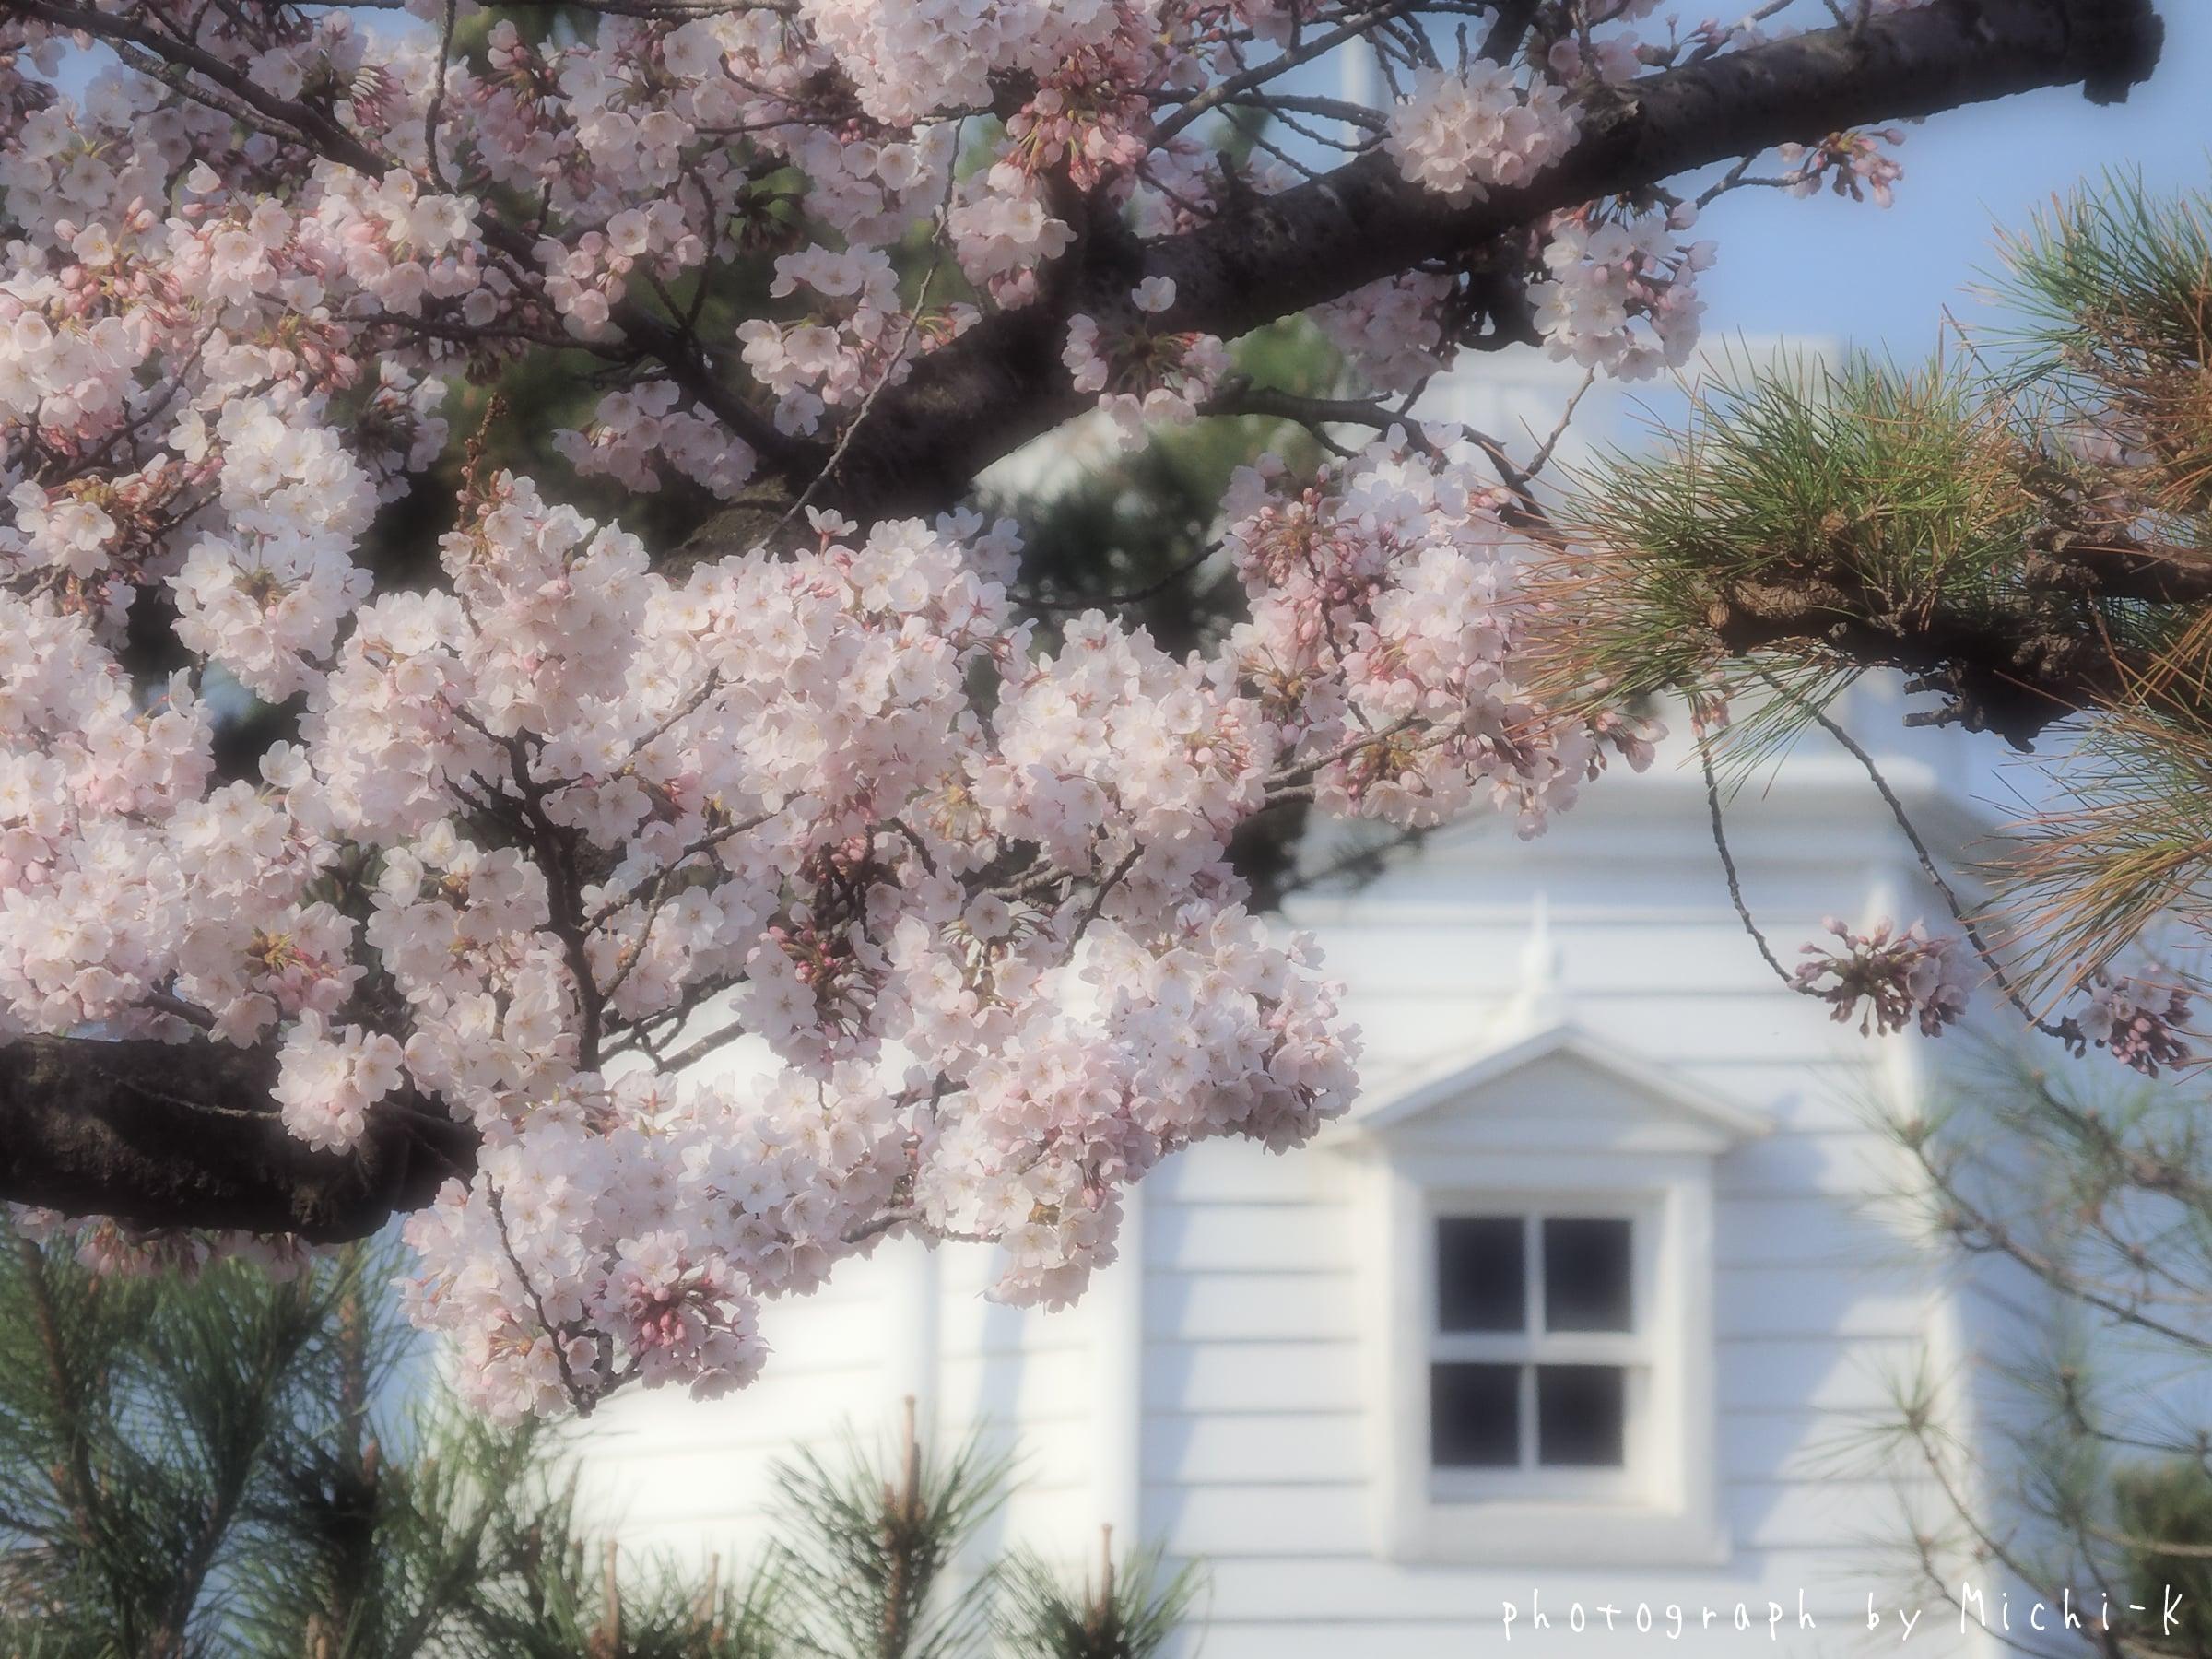 酒田市日和山公園、桜と灯台-2017/4/16 No.2